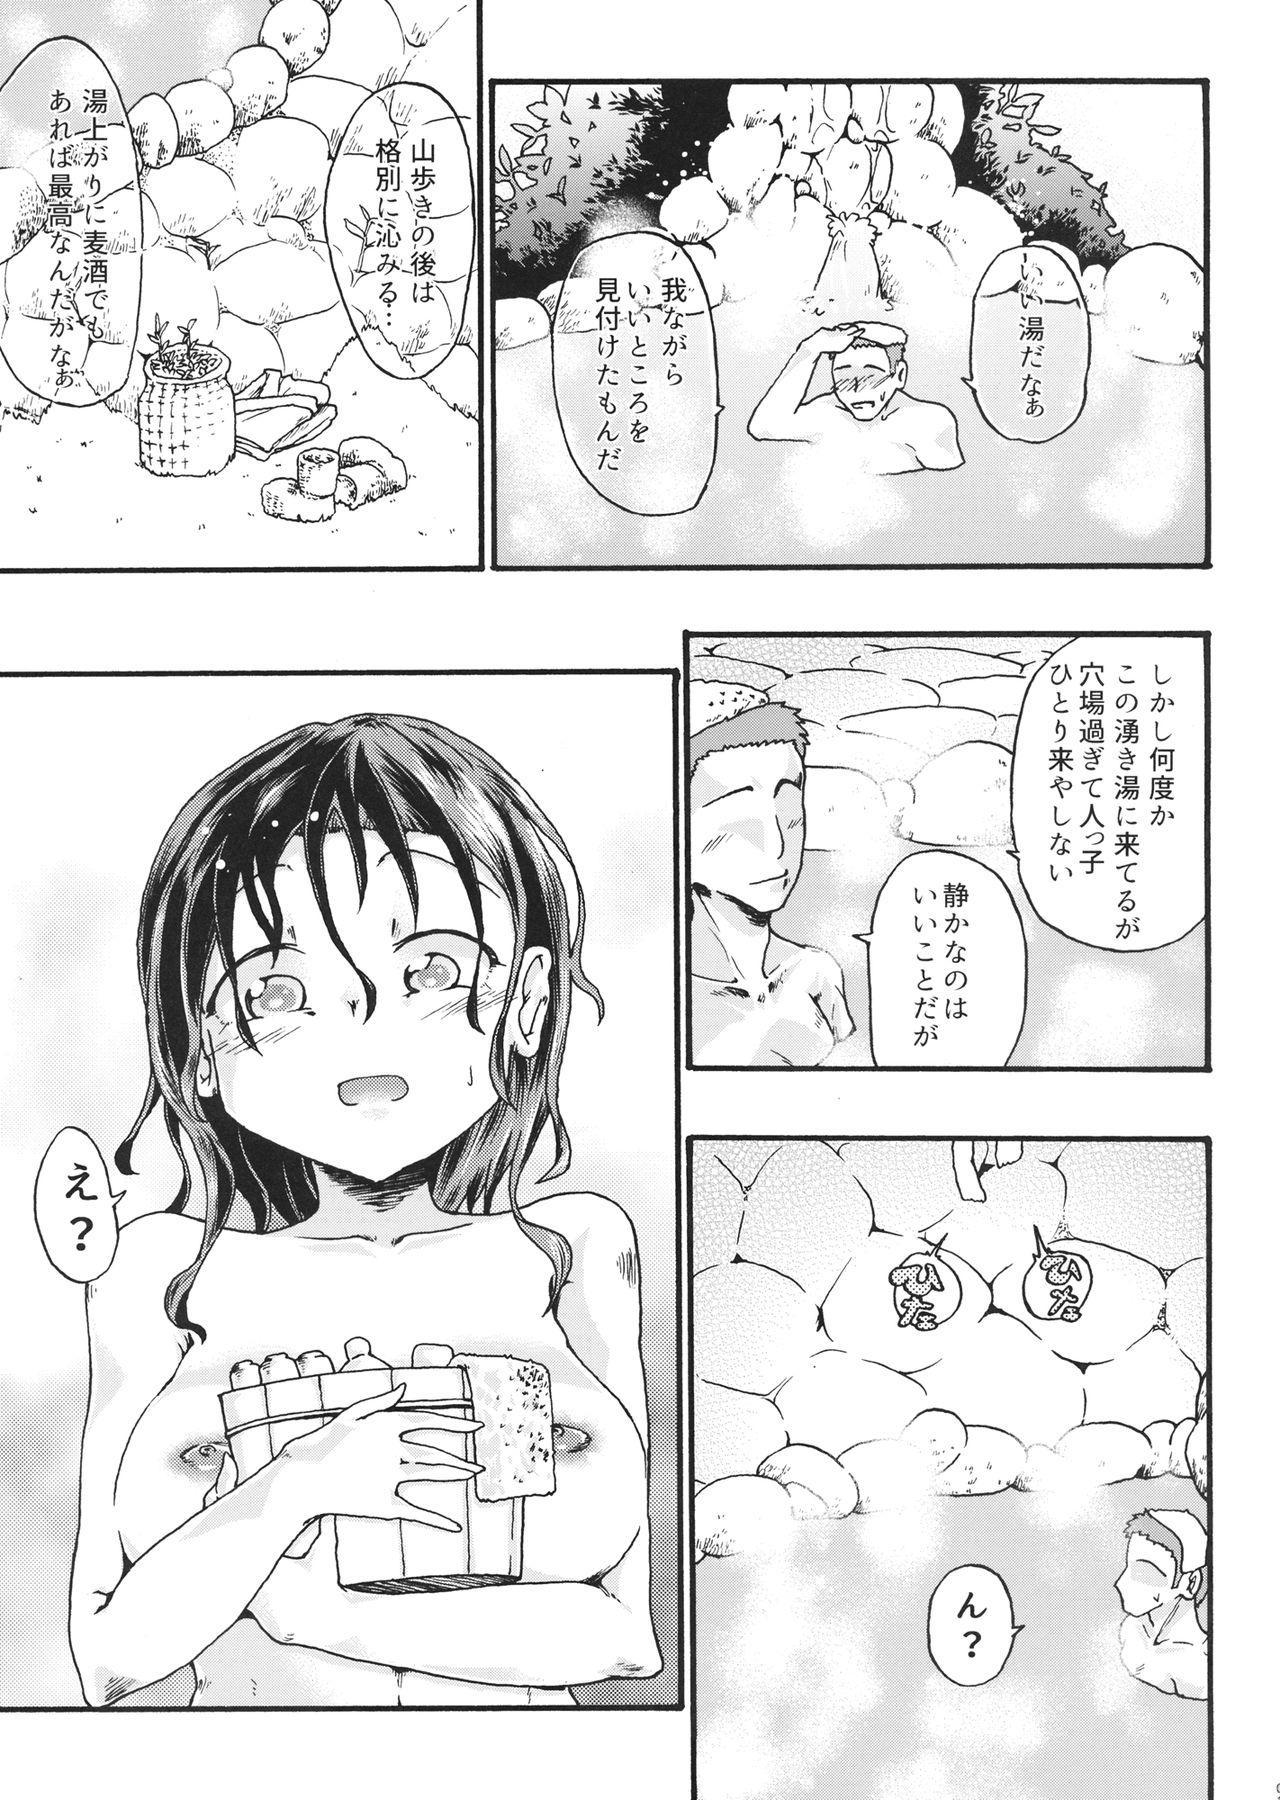 Murasa Minamitsu no Tonogata Jijou 1